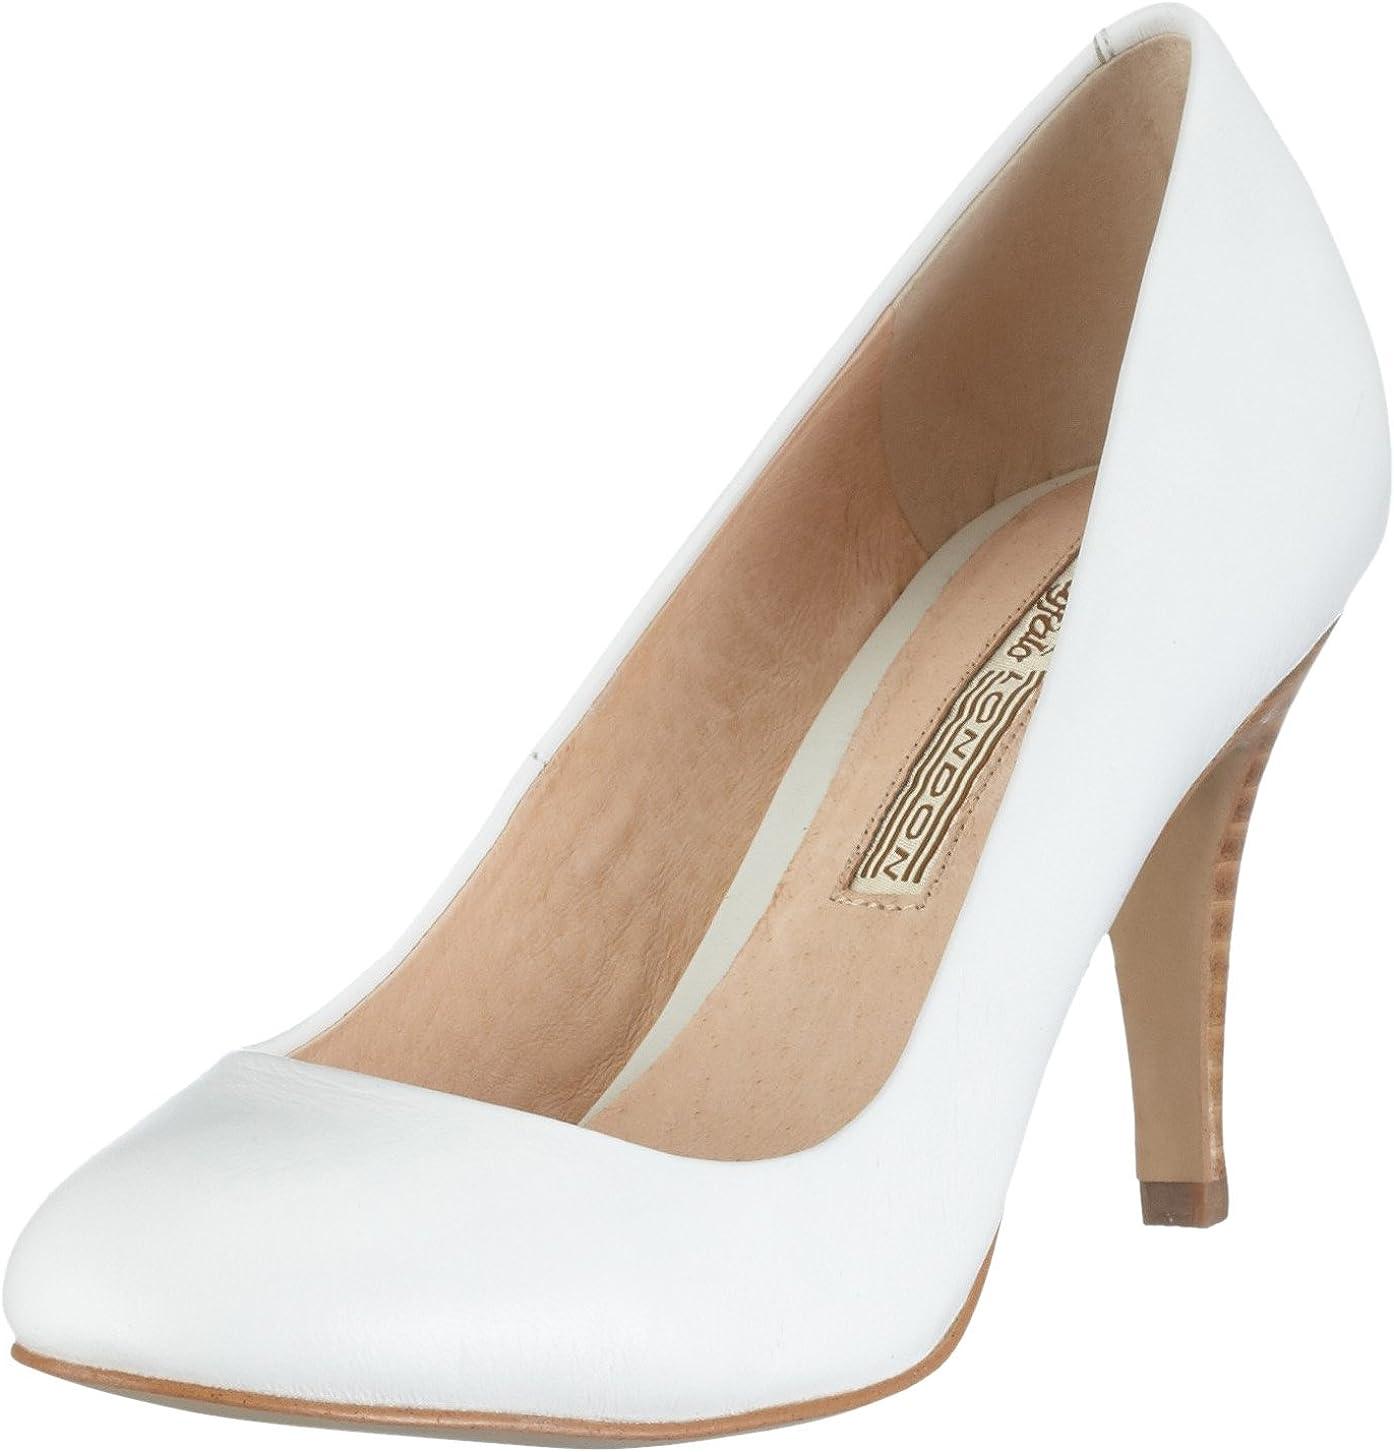 TALLA 40 EU. Buffalo London 109-5046 107964 - Zapatos de salón para Mujer